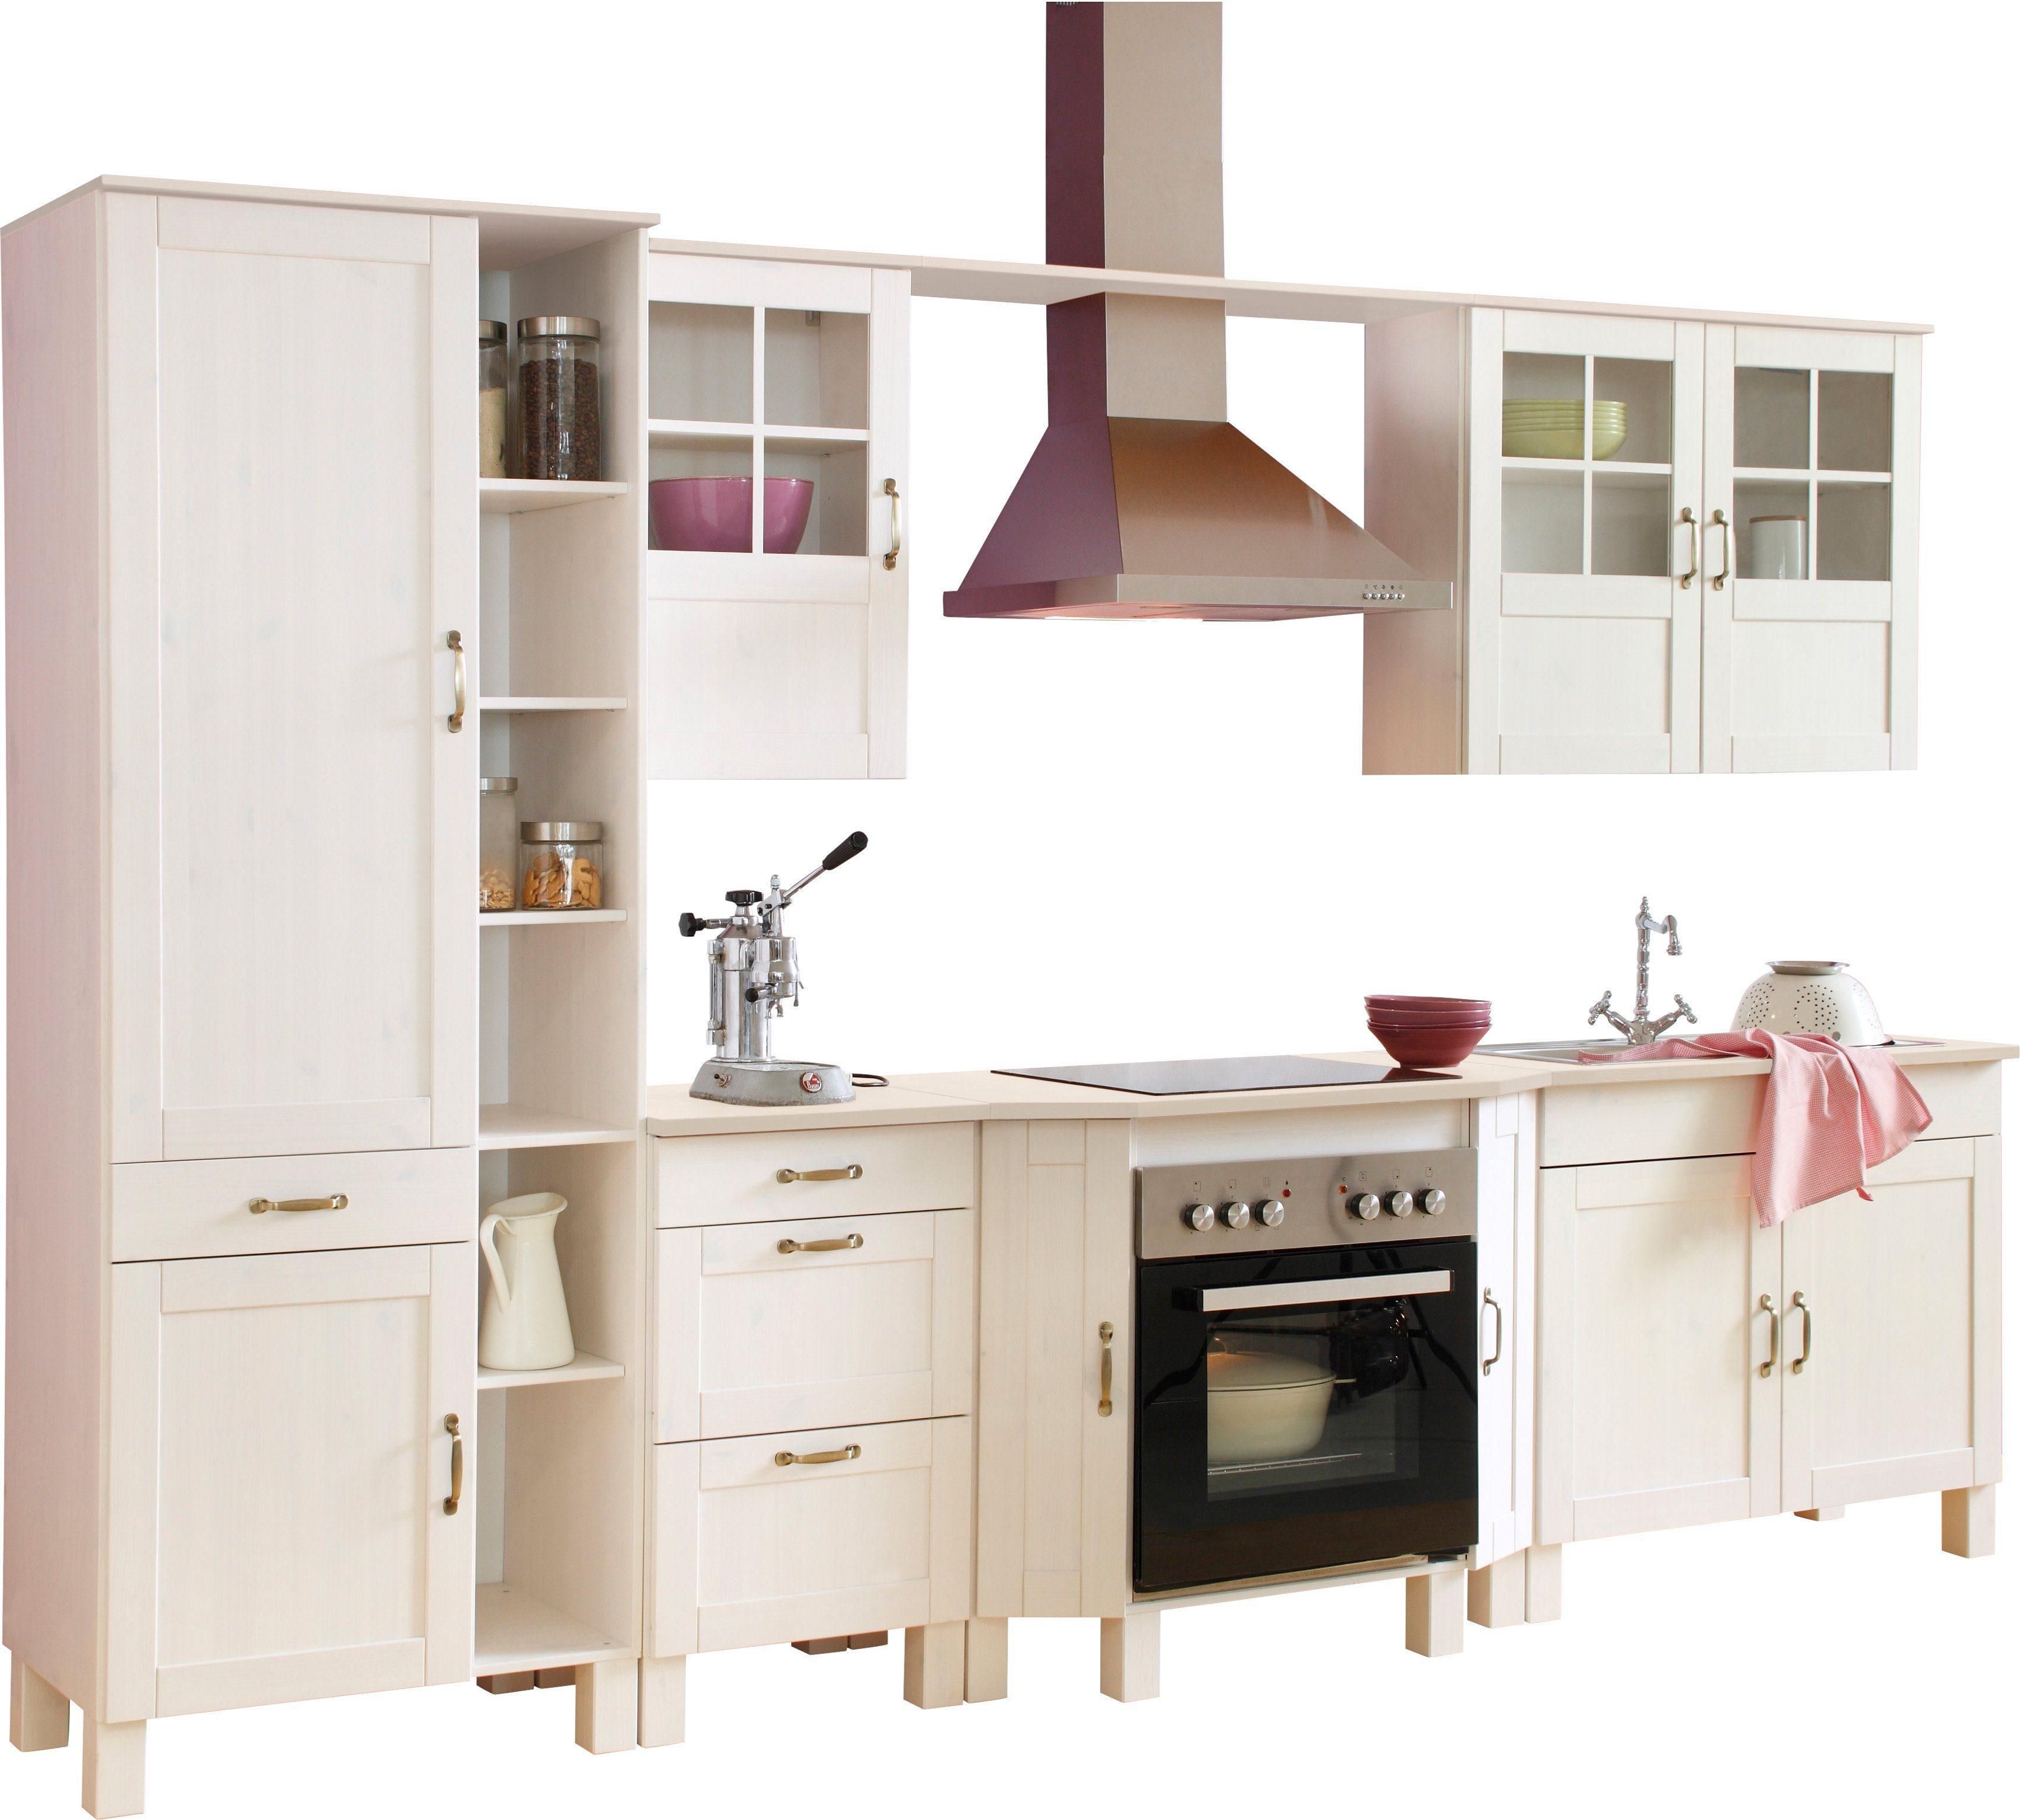 Küchenblock »Alby« Breite 325 cm online kaufen   OTTO